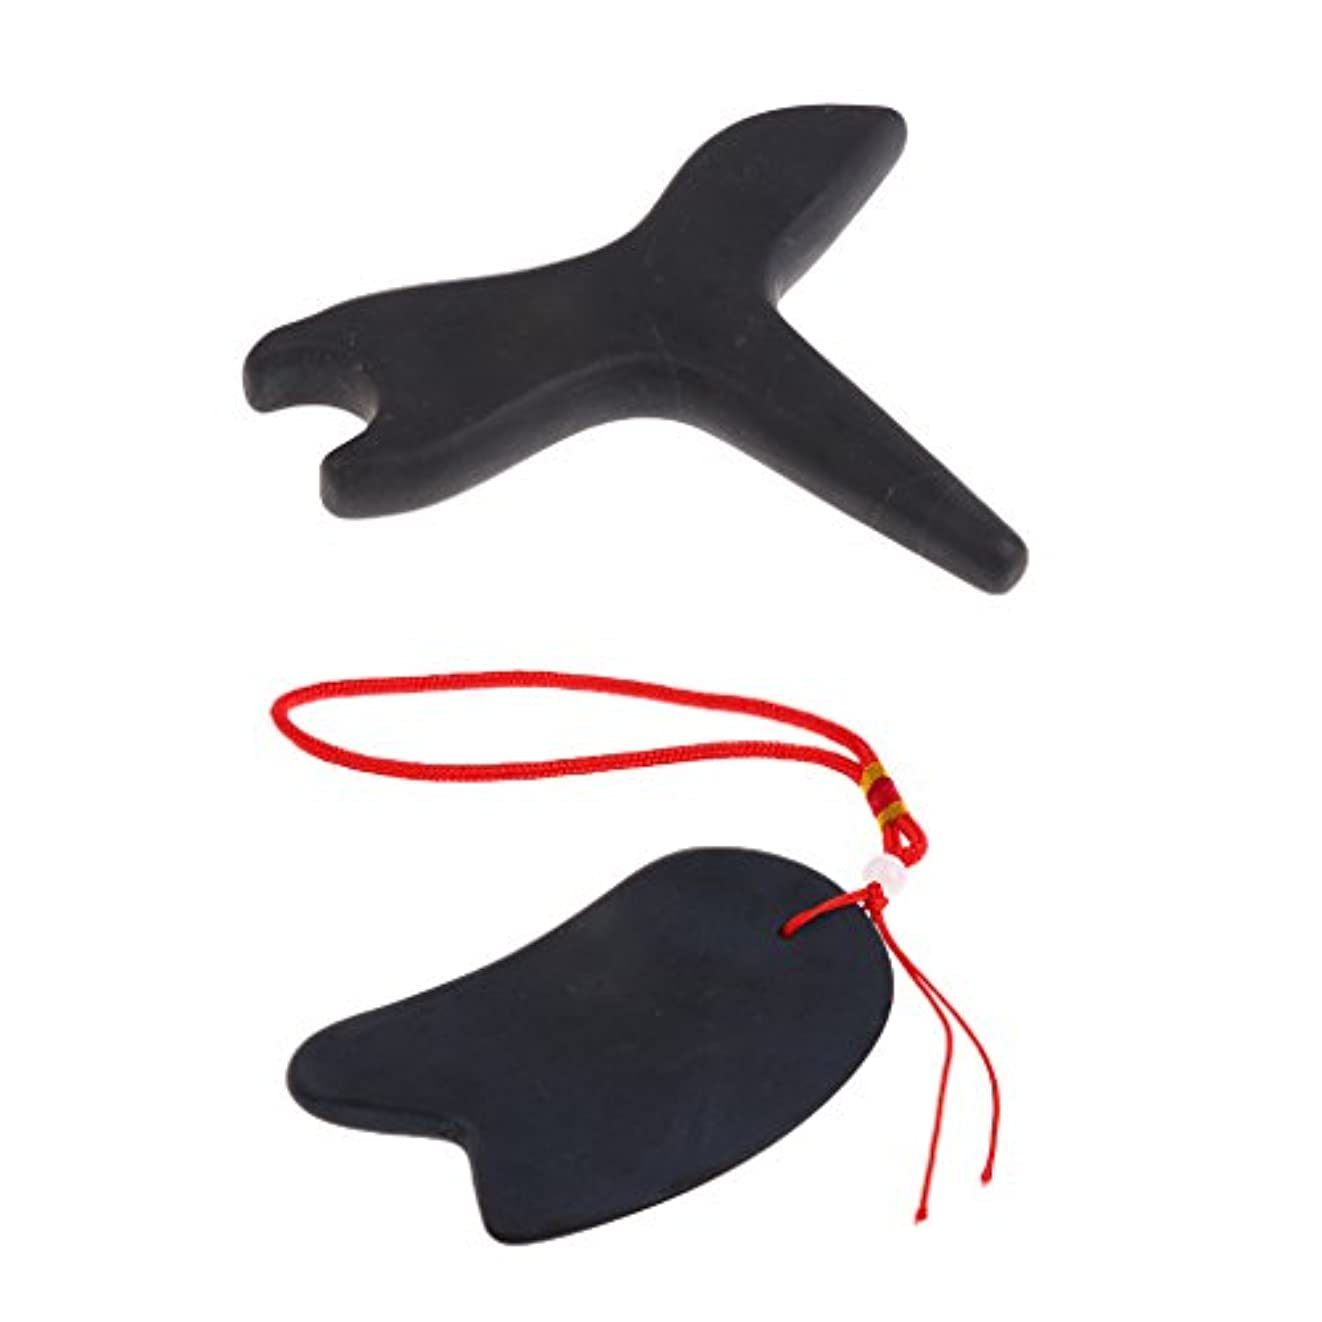 静かに落ちたハングマッサージボード グアシャボード 掻きツール 天然石 トリガーポイント 伝統的 マッサージツール 2個